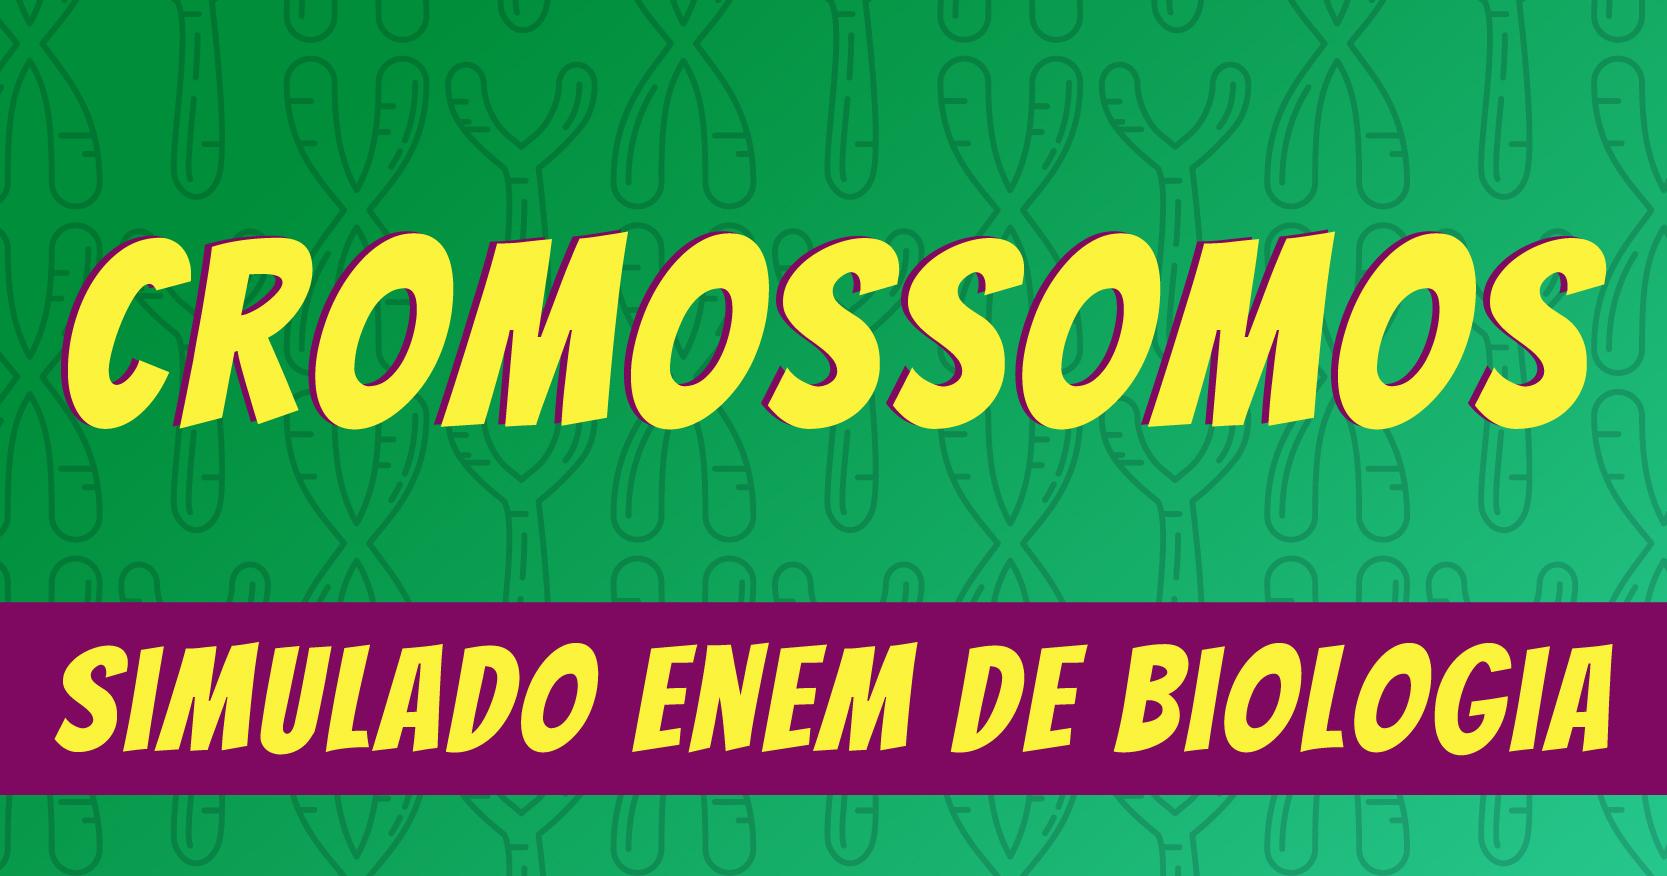 Simulado de cromossomos na biologia